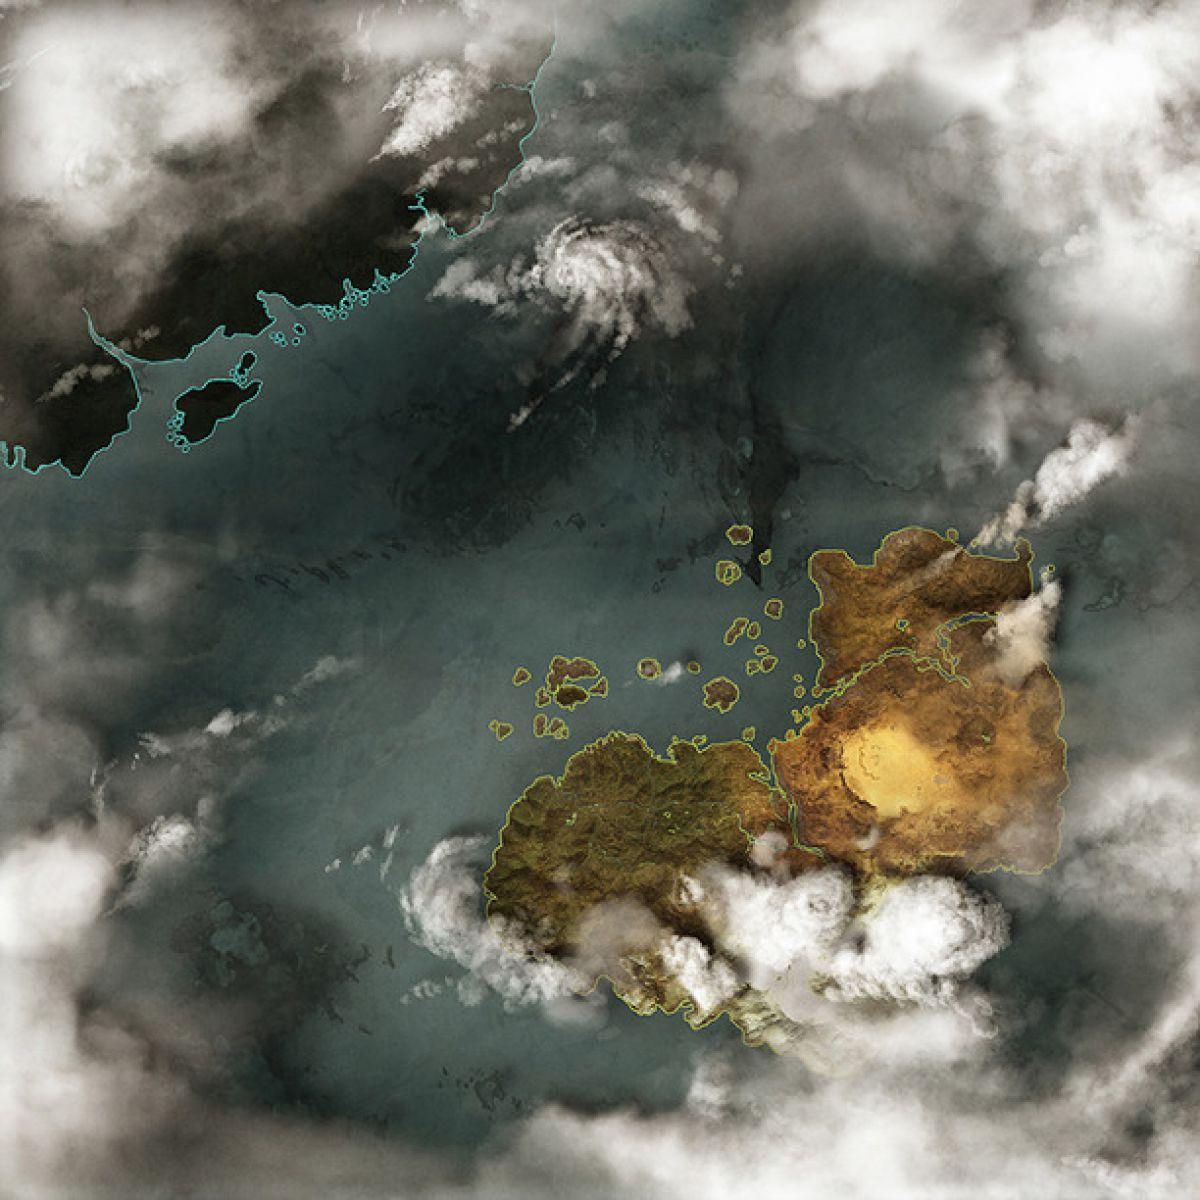 Массивное обновление морского контента на корейских серверах Black Desert